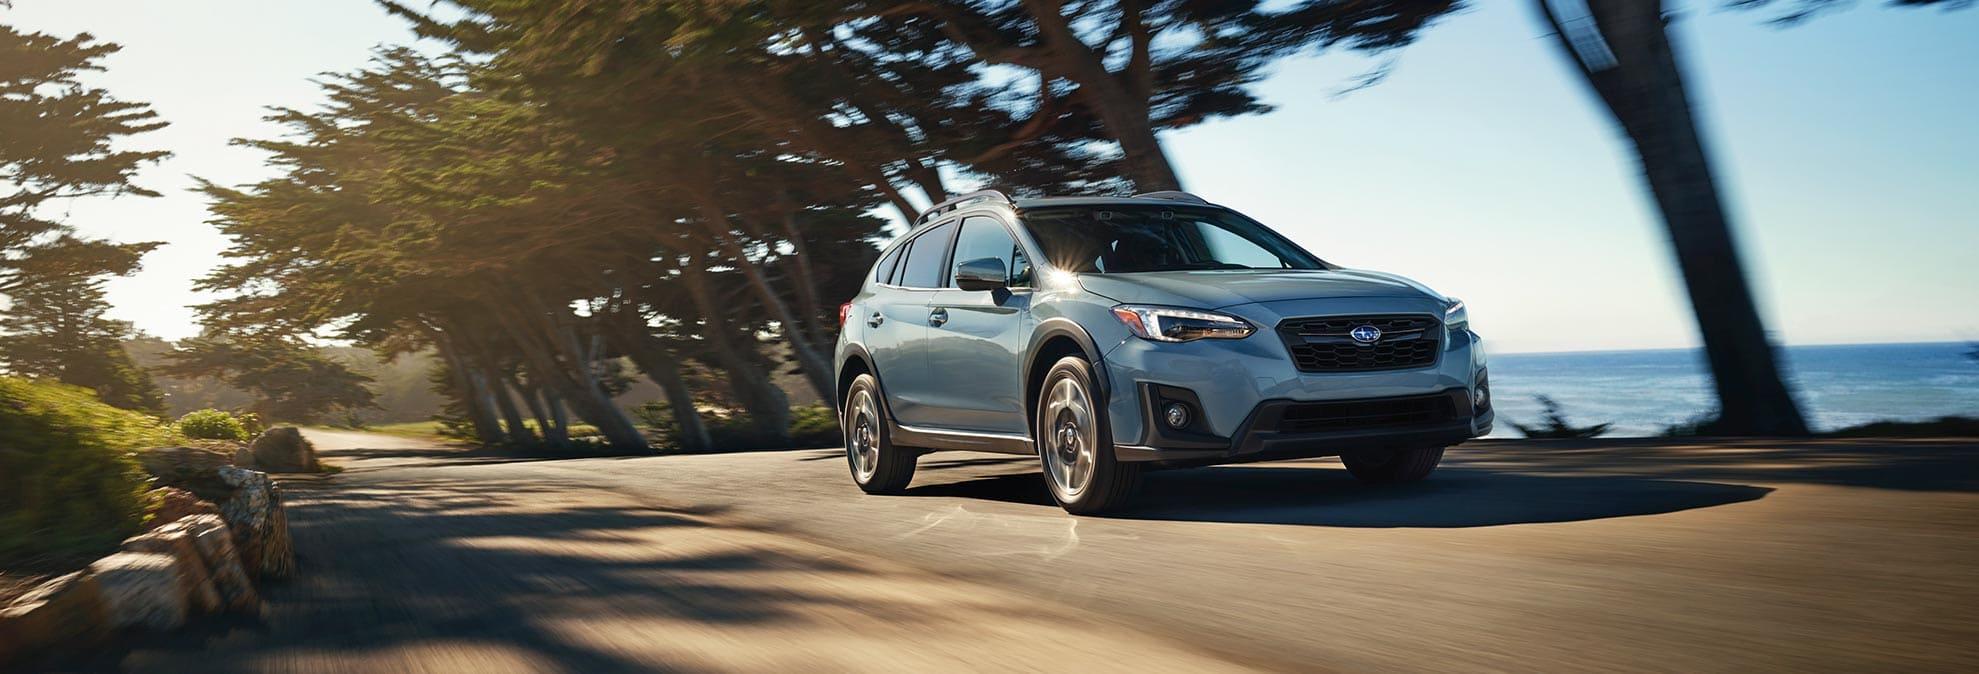 2018 Subaru Crosstrek Preview Consumer Reports